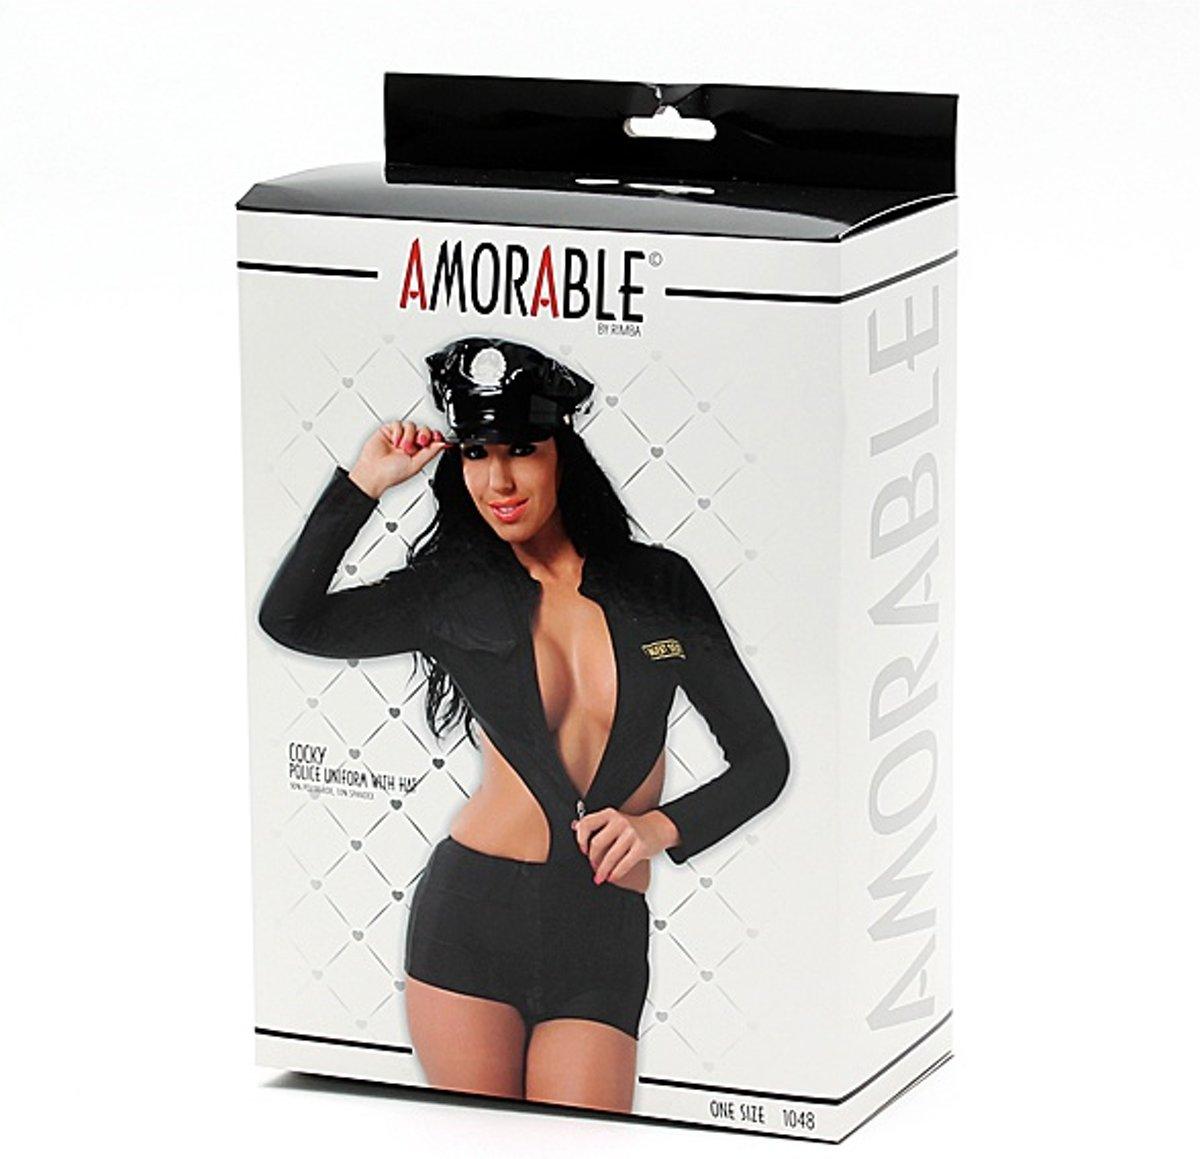 Met Amorable Pet Uniform Politie-43161